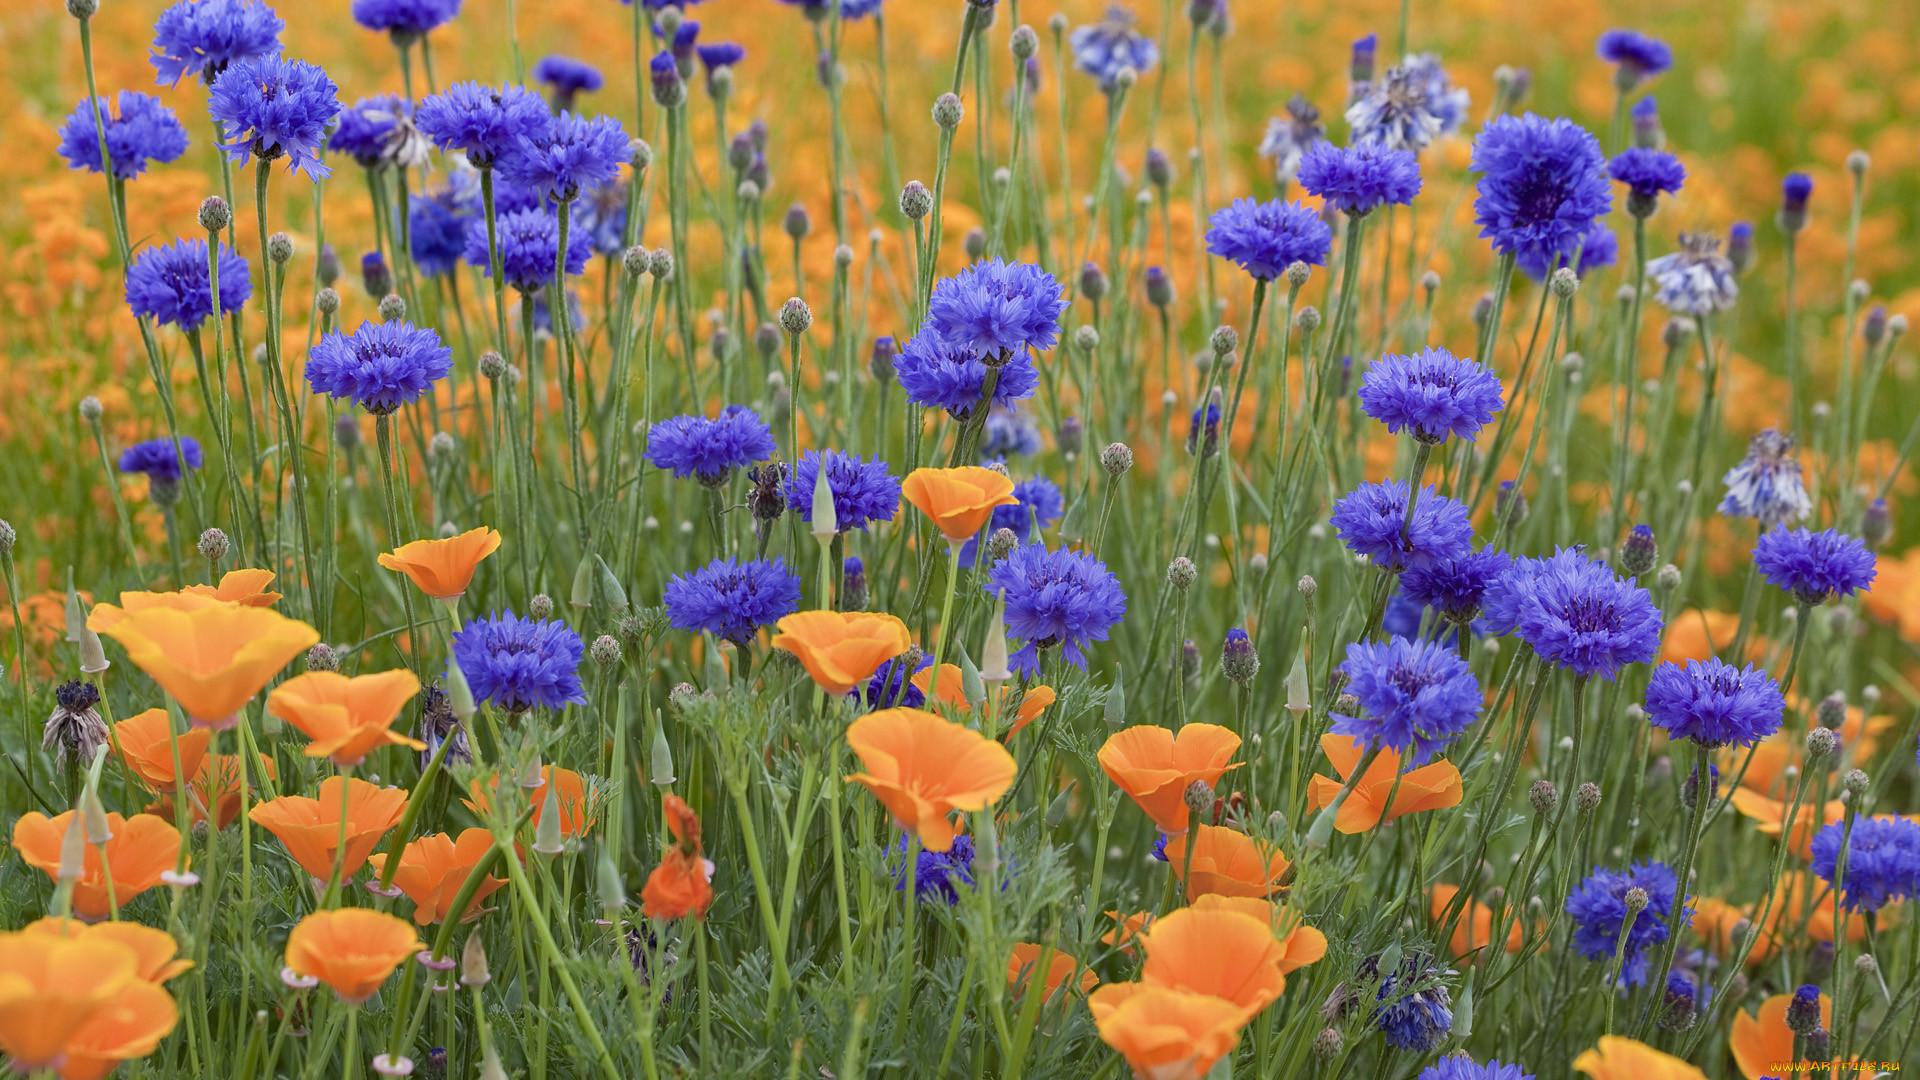 Фото с цветами оригинальное продукт обязательно